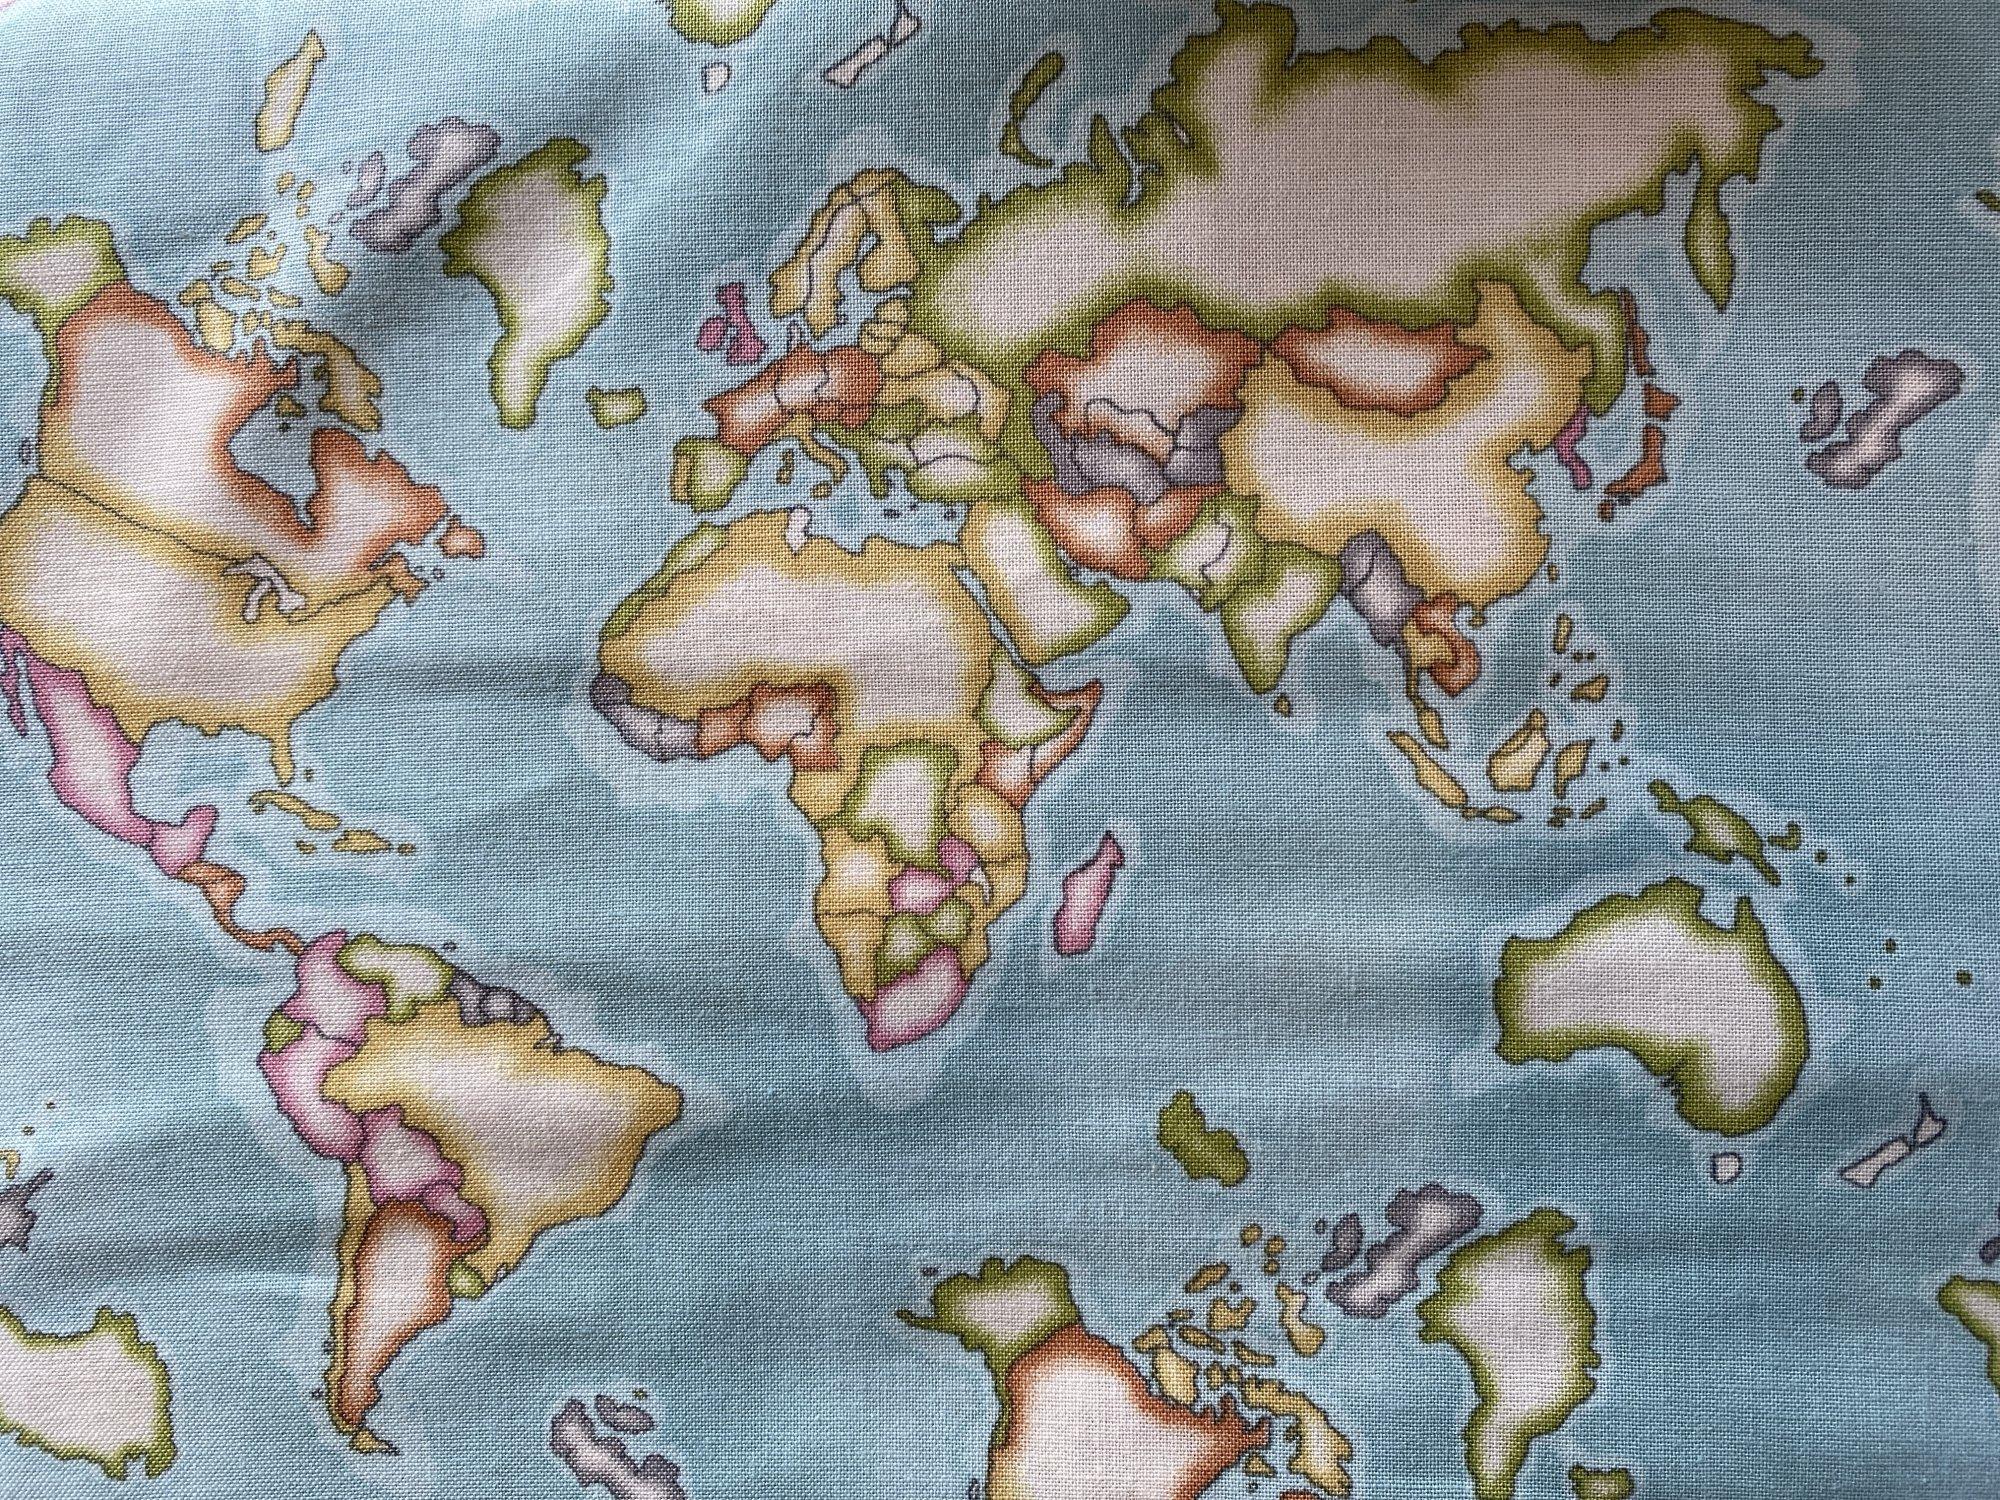 Meridan 2 Continents